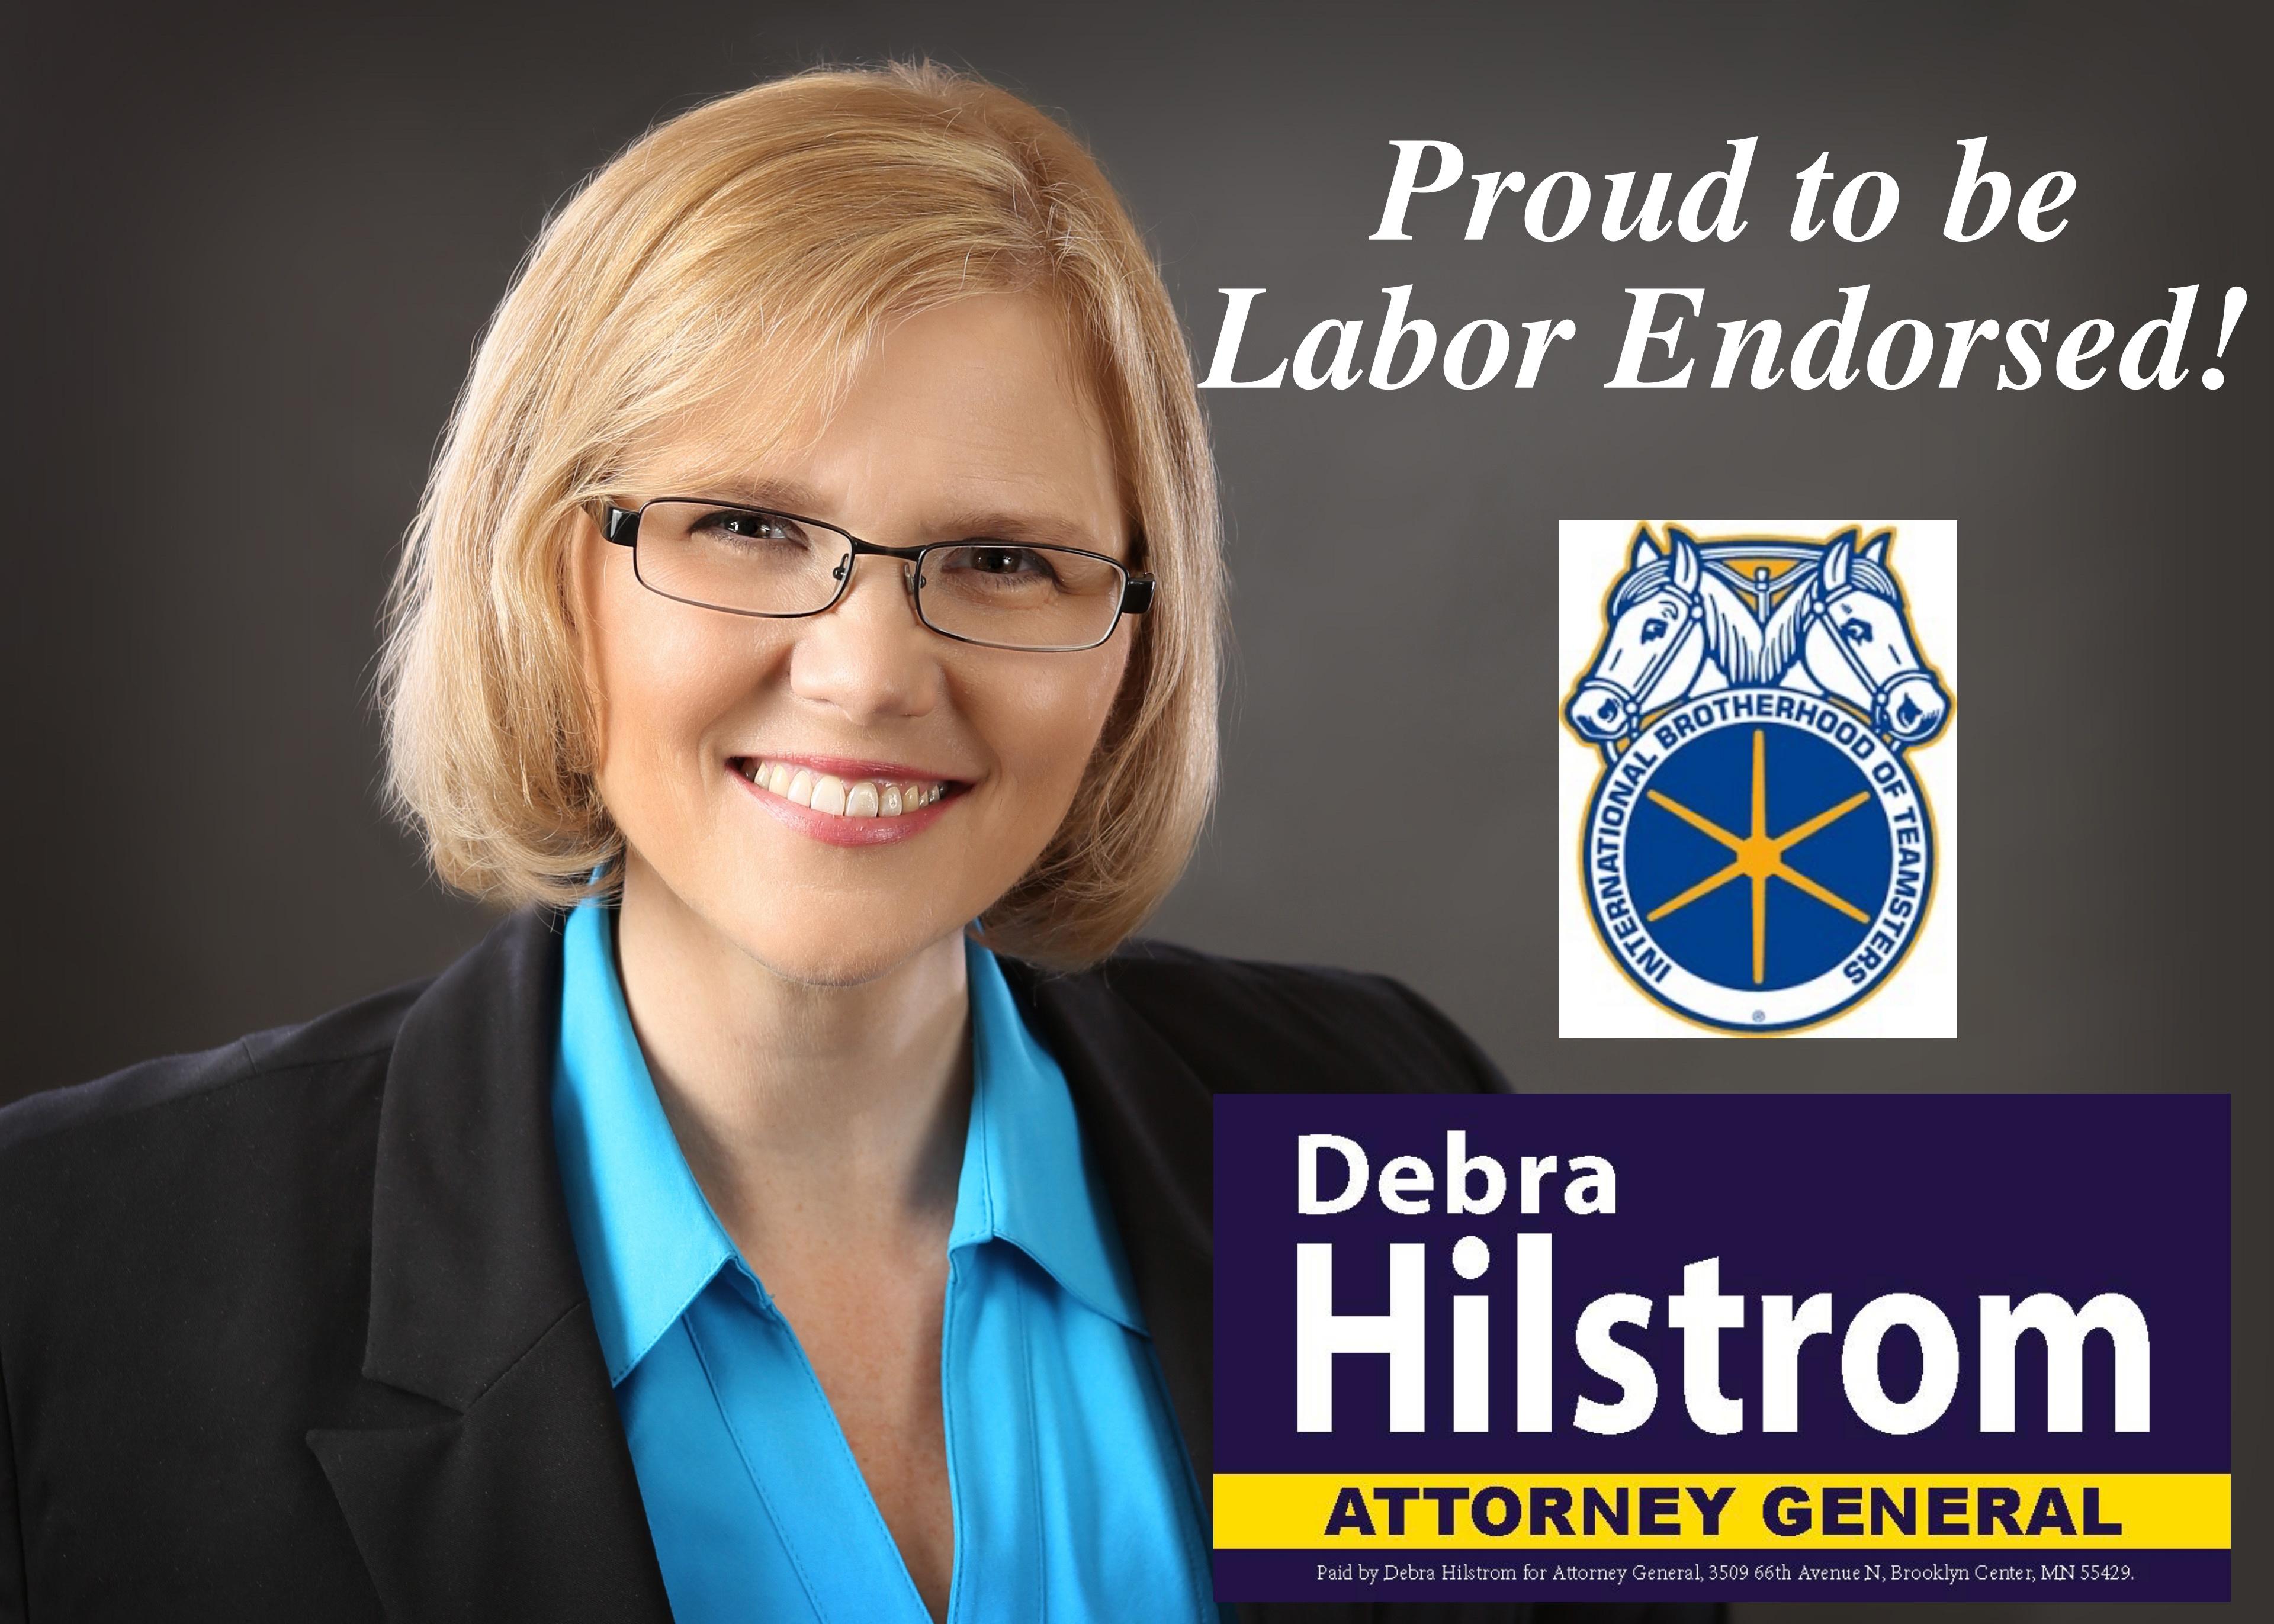 Debra Hilstrom for Attorney General